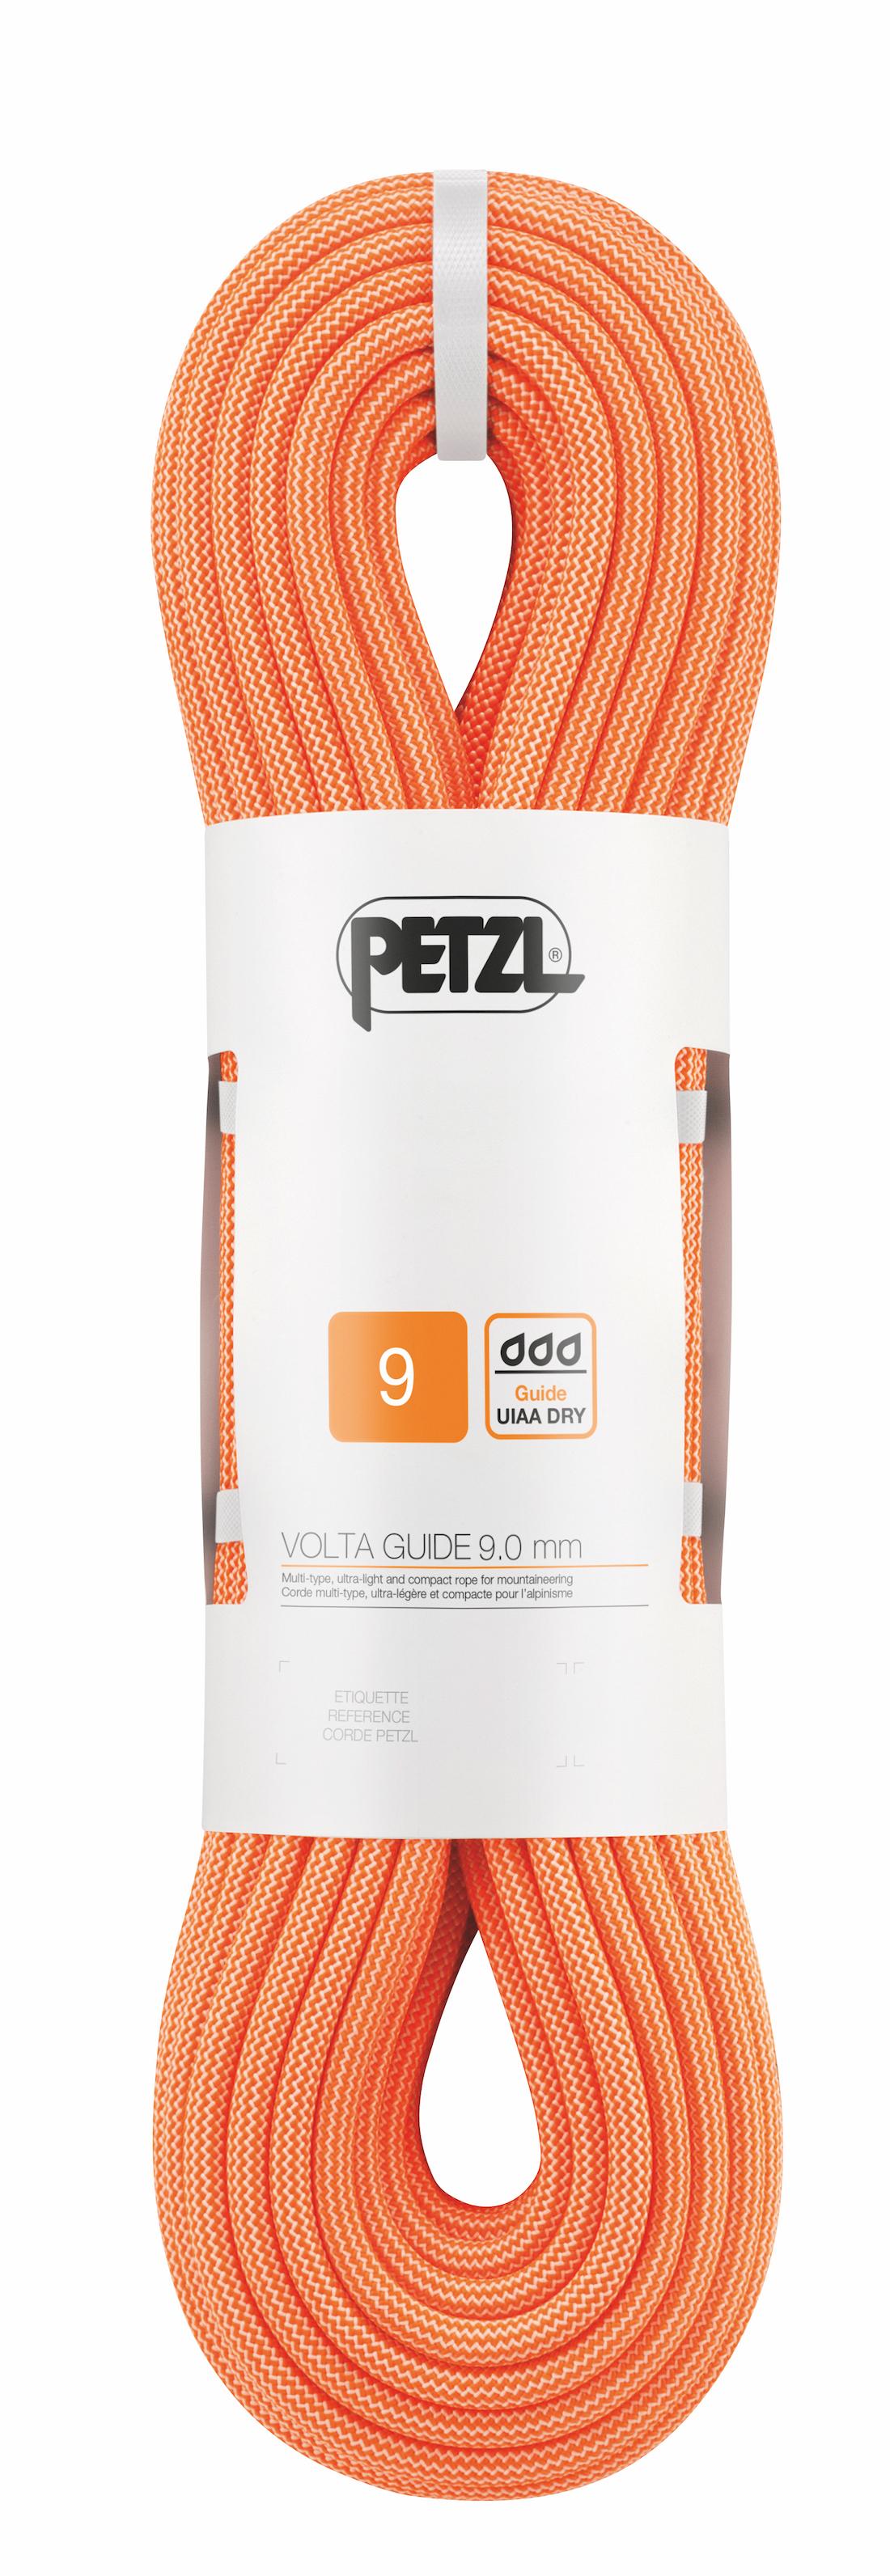 Petzl - Volta Guide 9 mm - Cuerda de escalada